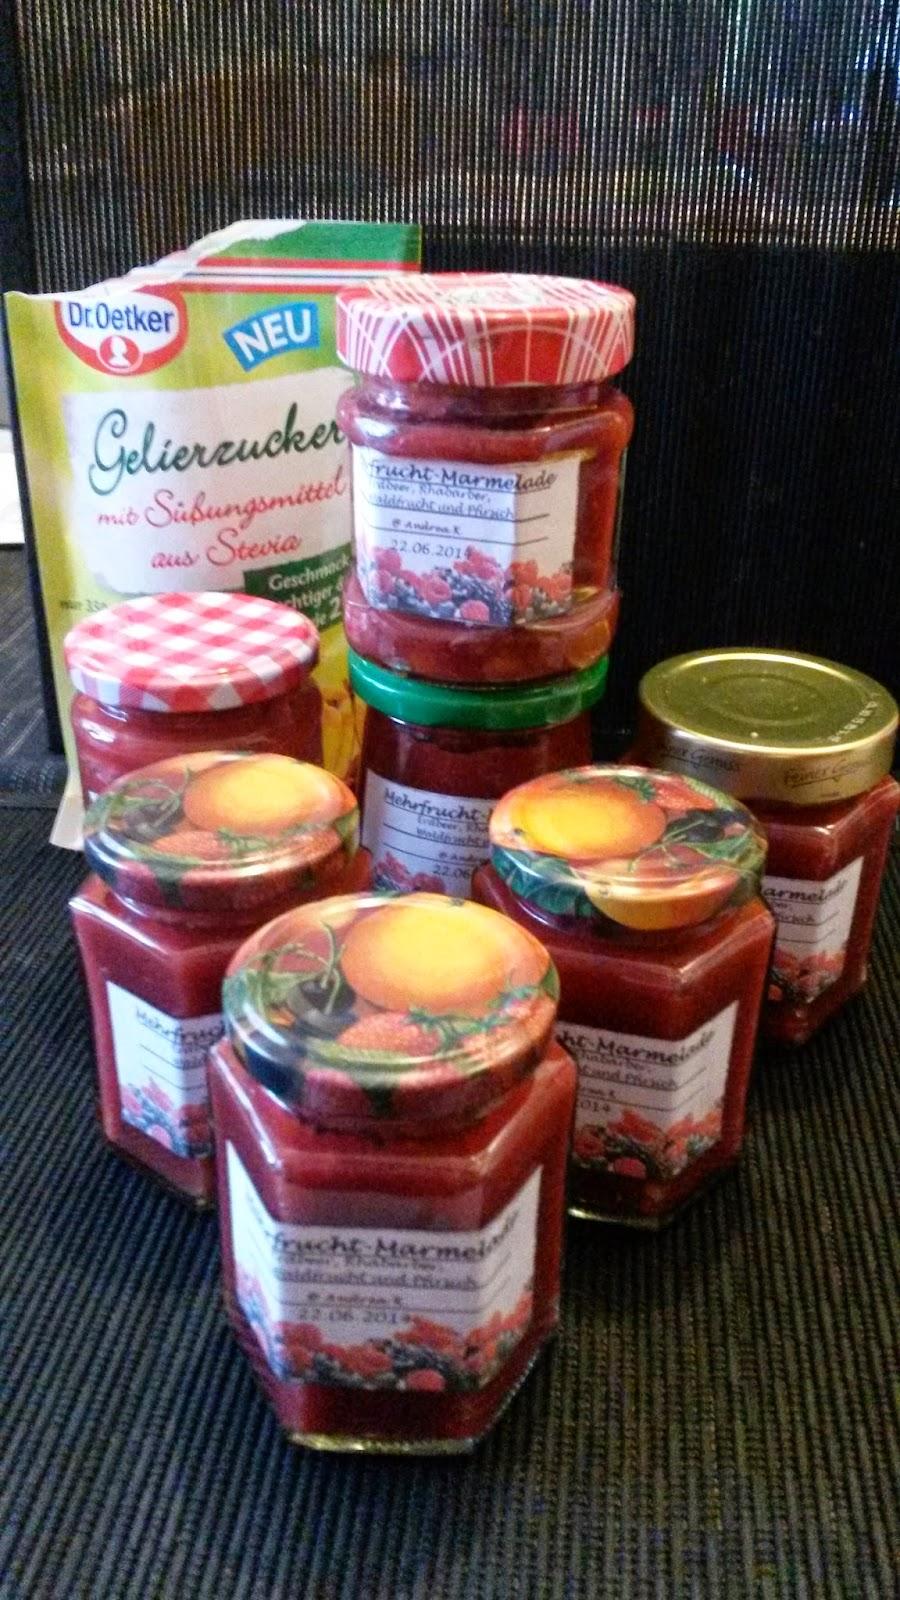 drea s tm und actifry rezepte welt mehrfrucht marmelade mit stevia gelierzucker. Black Bedroom Furniture Sets. Home Design Ideas